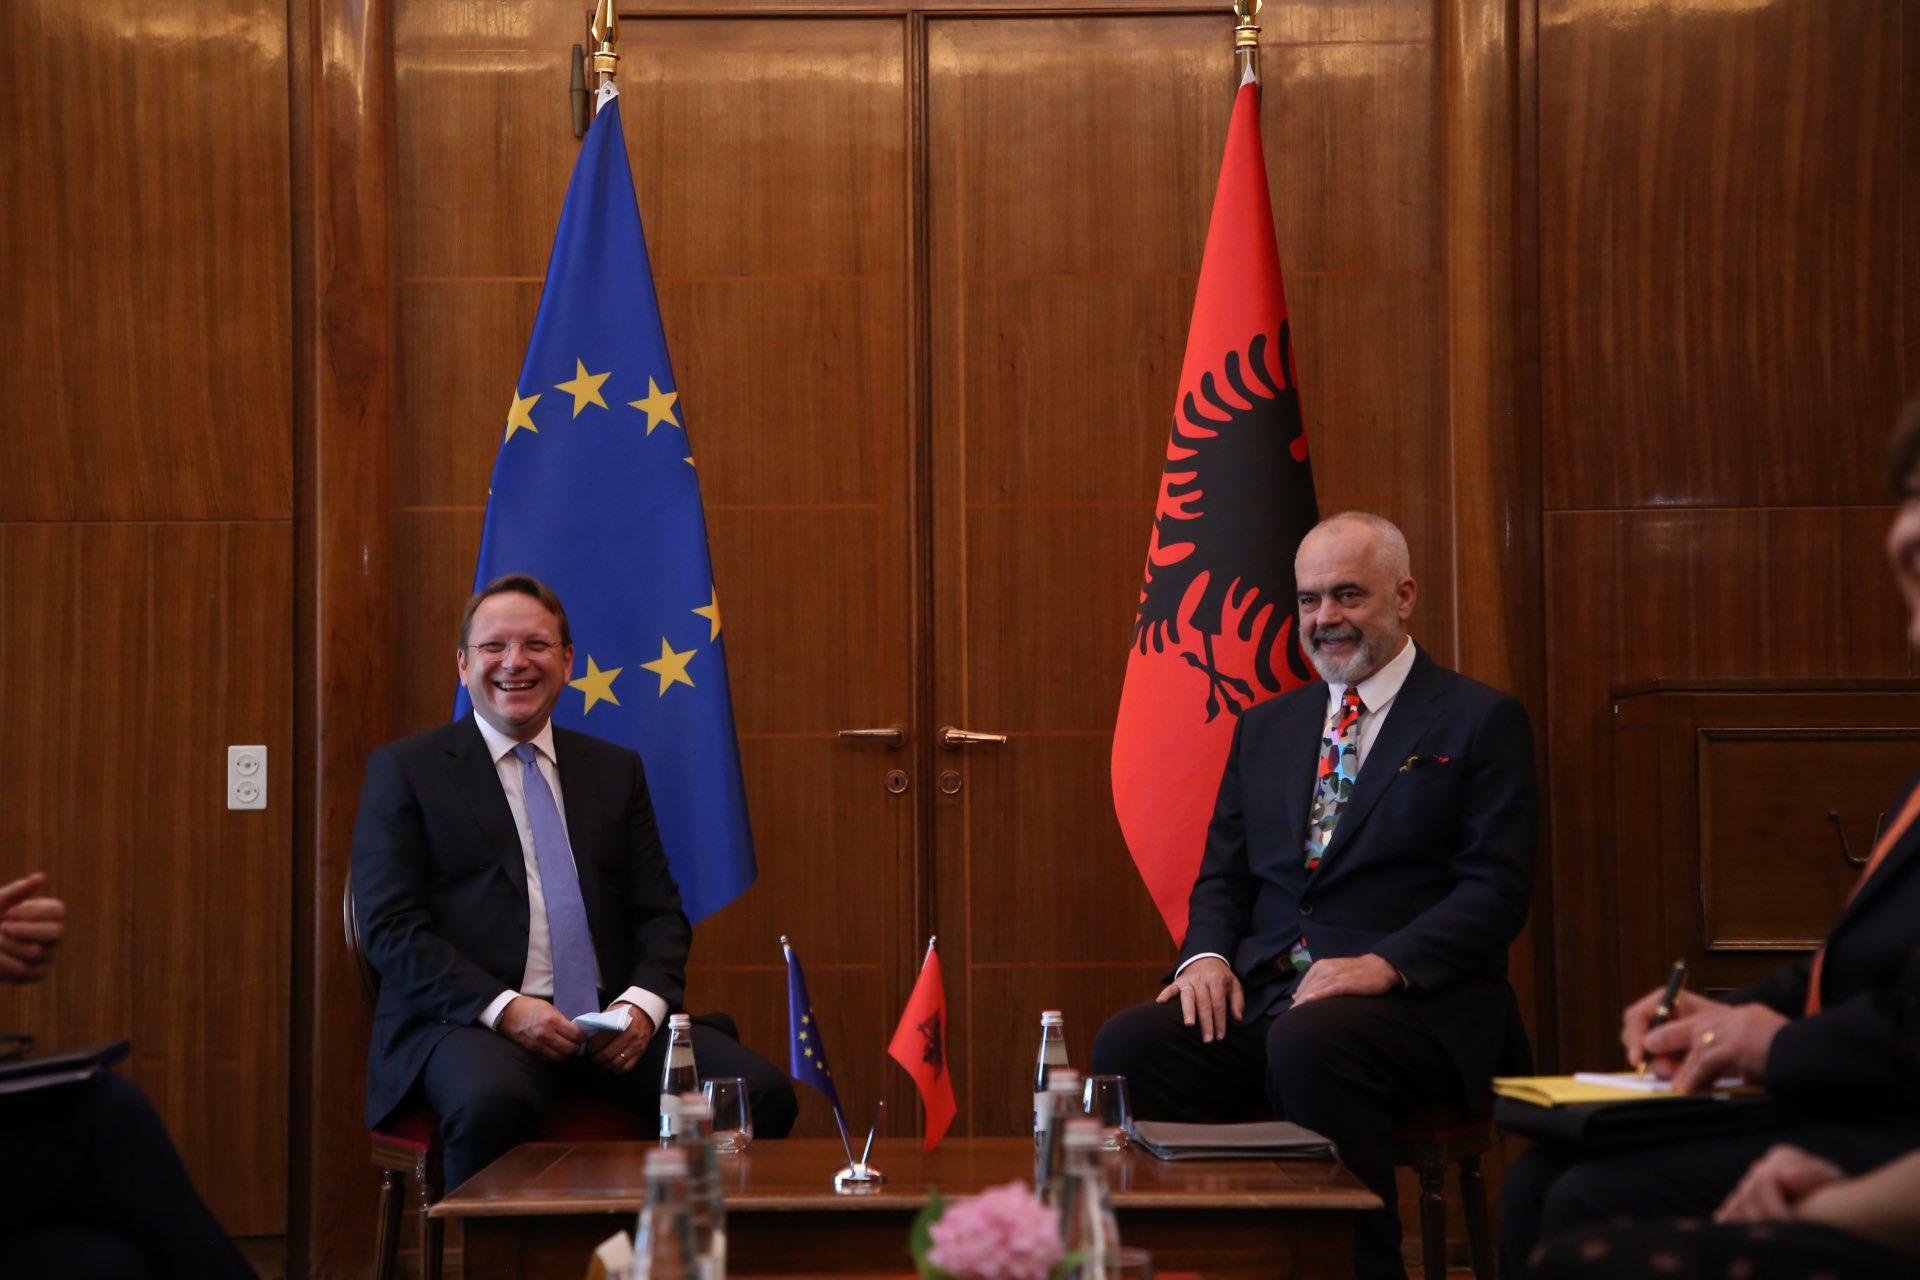 Samiti në Tiranë, Várhelyi: Do të diskutojmë për zbatimin e planit ekonomik të rajonit